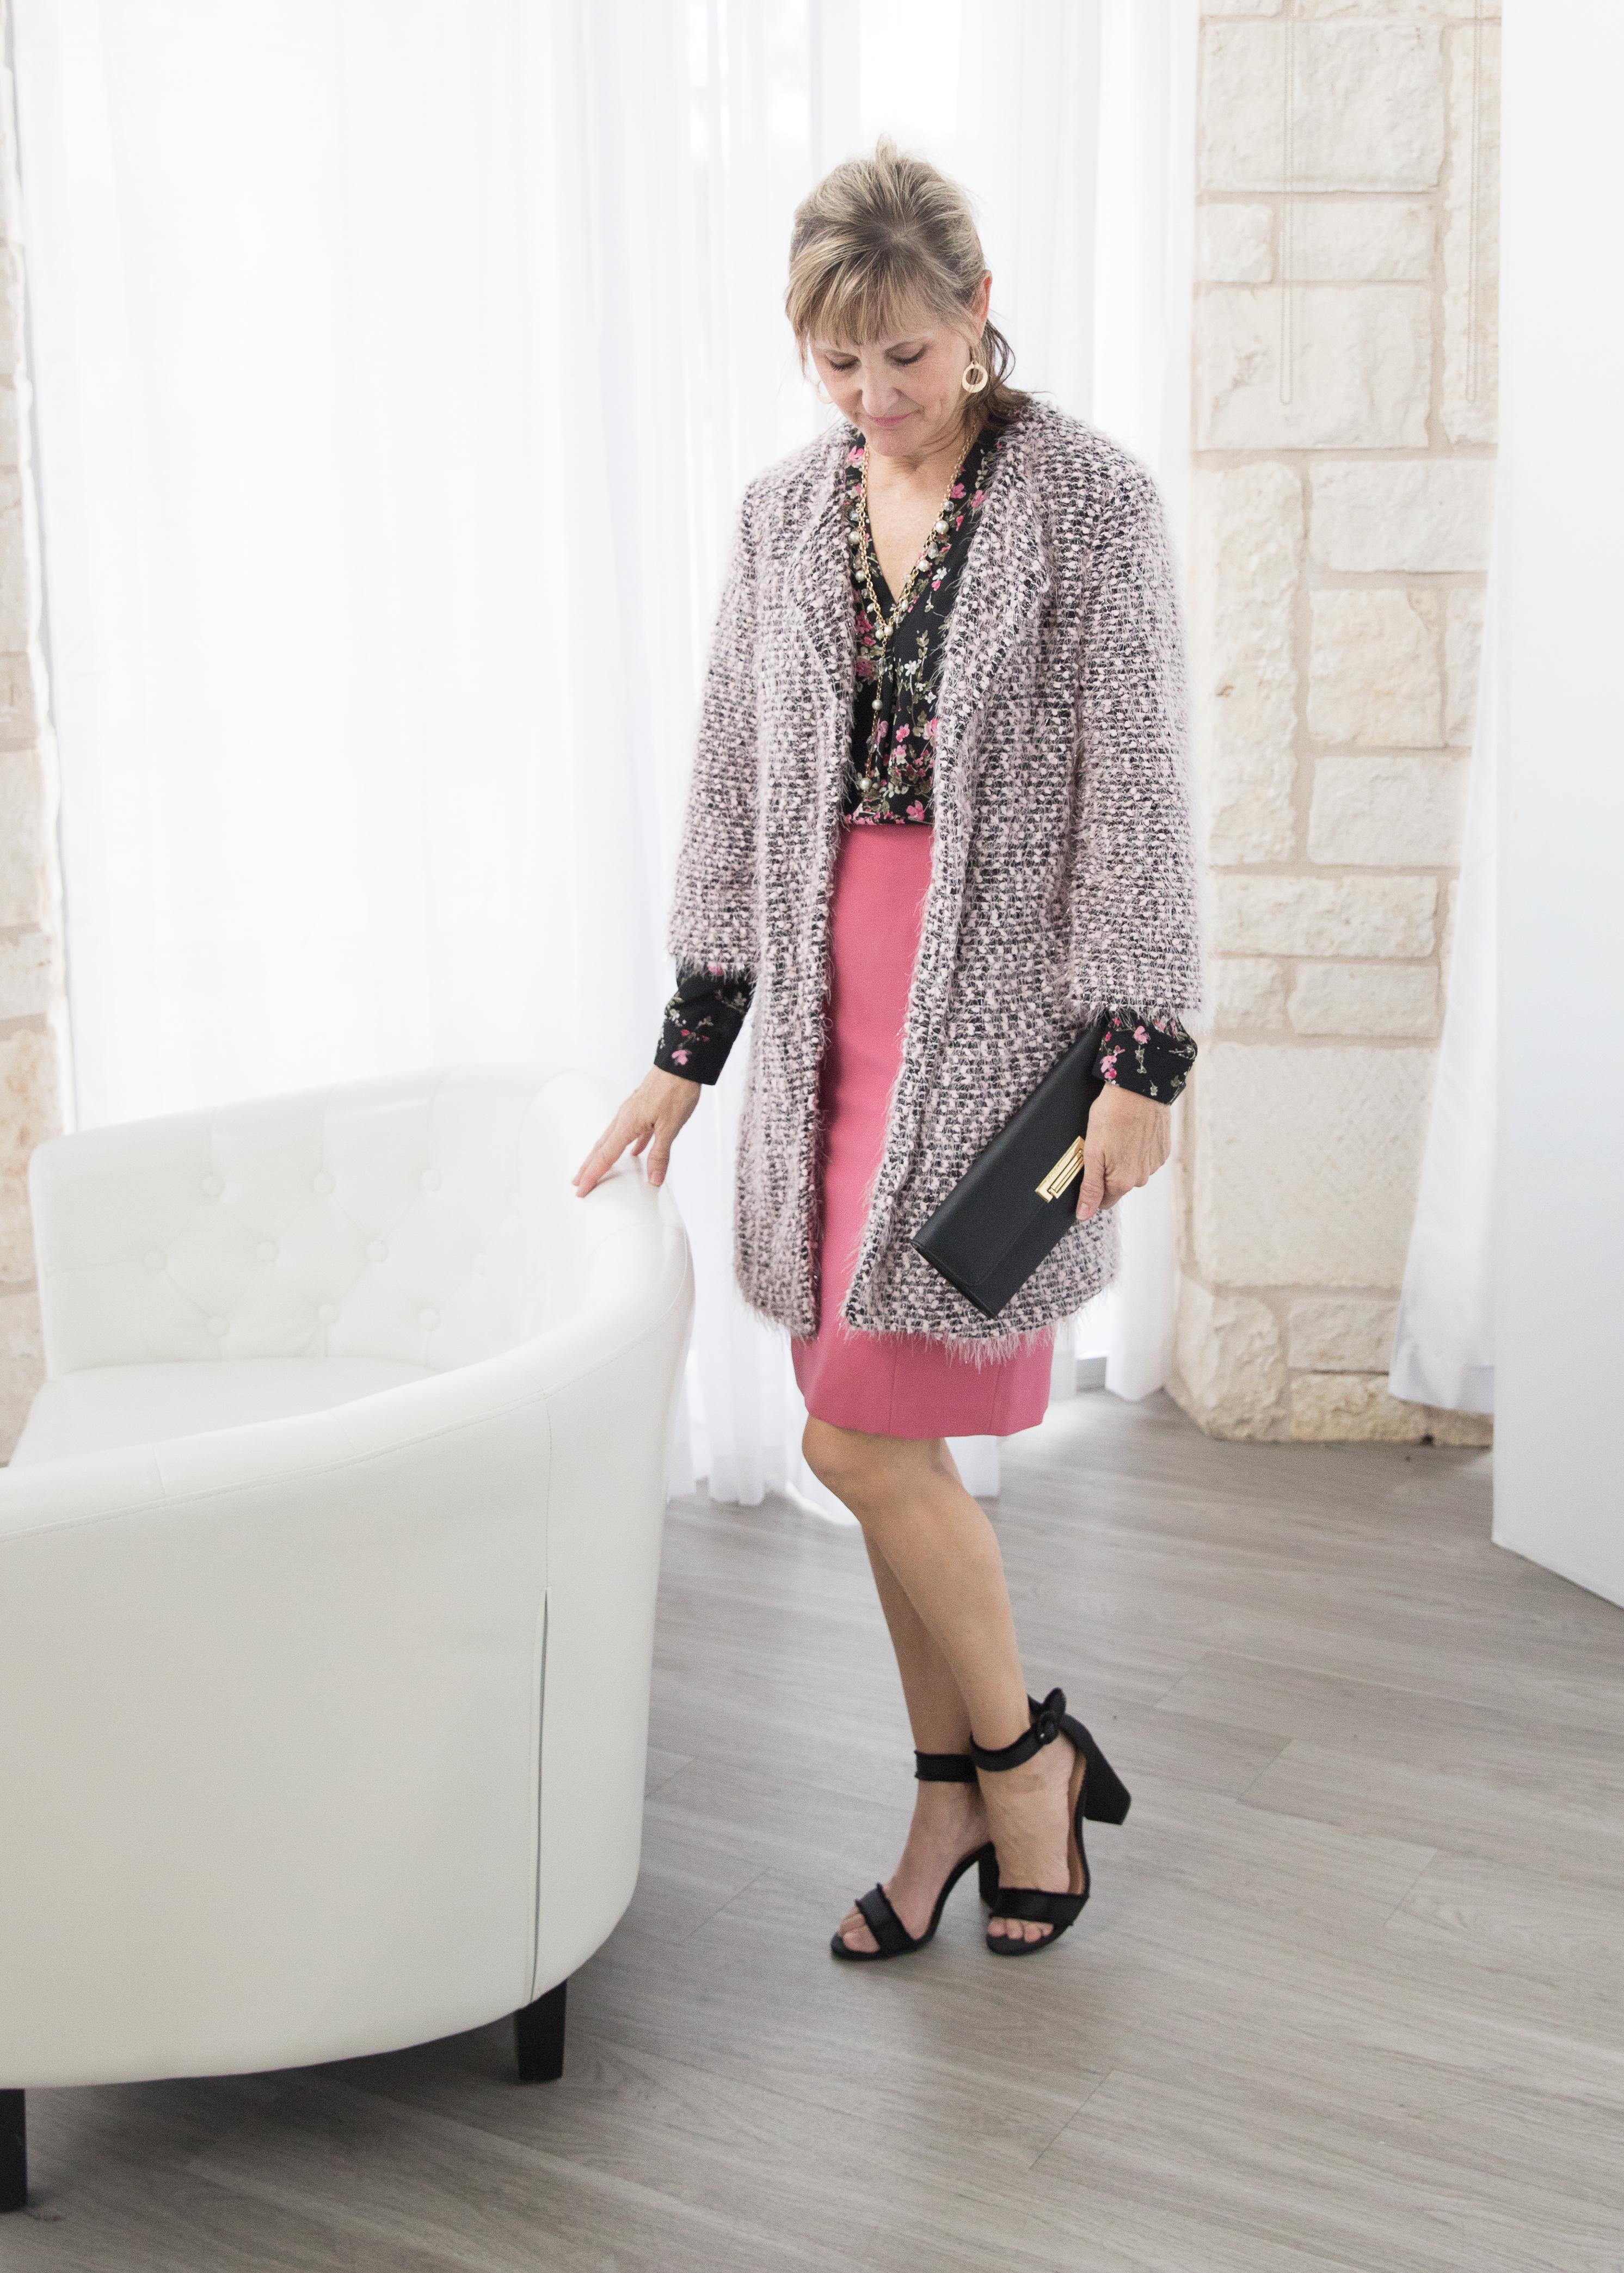 Stein Mart, Cheryl Bemis, Fashionably Cheryl, Fashionably Austin, Austin Blogger over 50